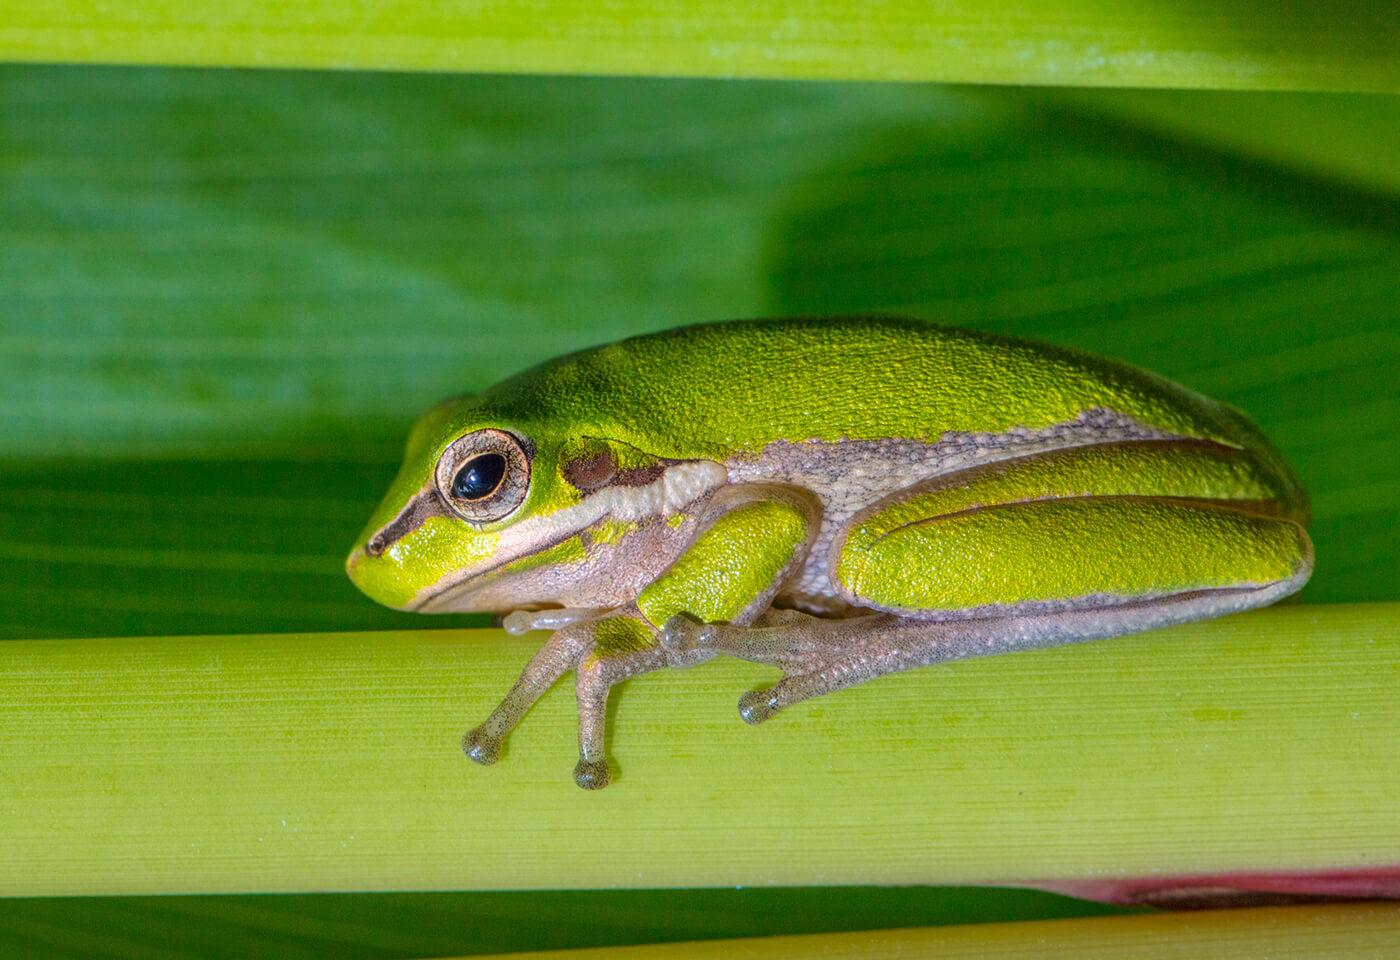 Macro photograph of frog